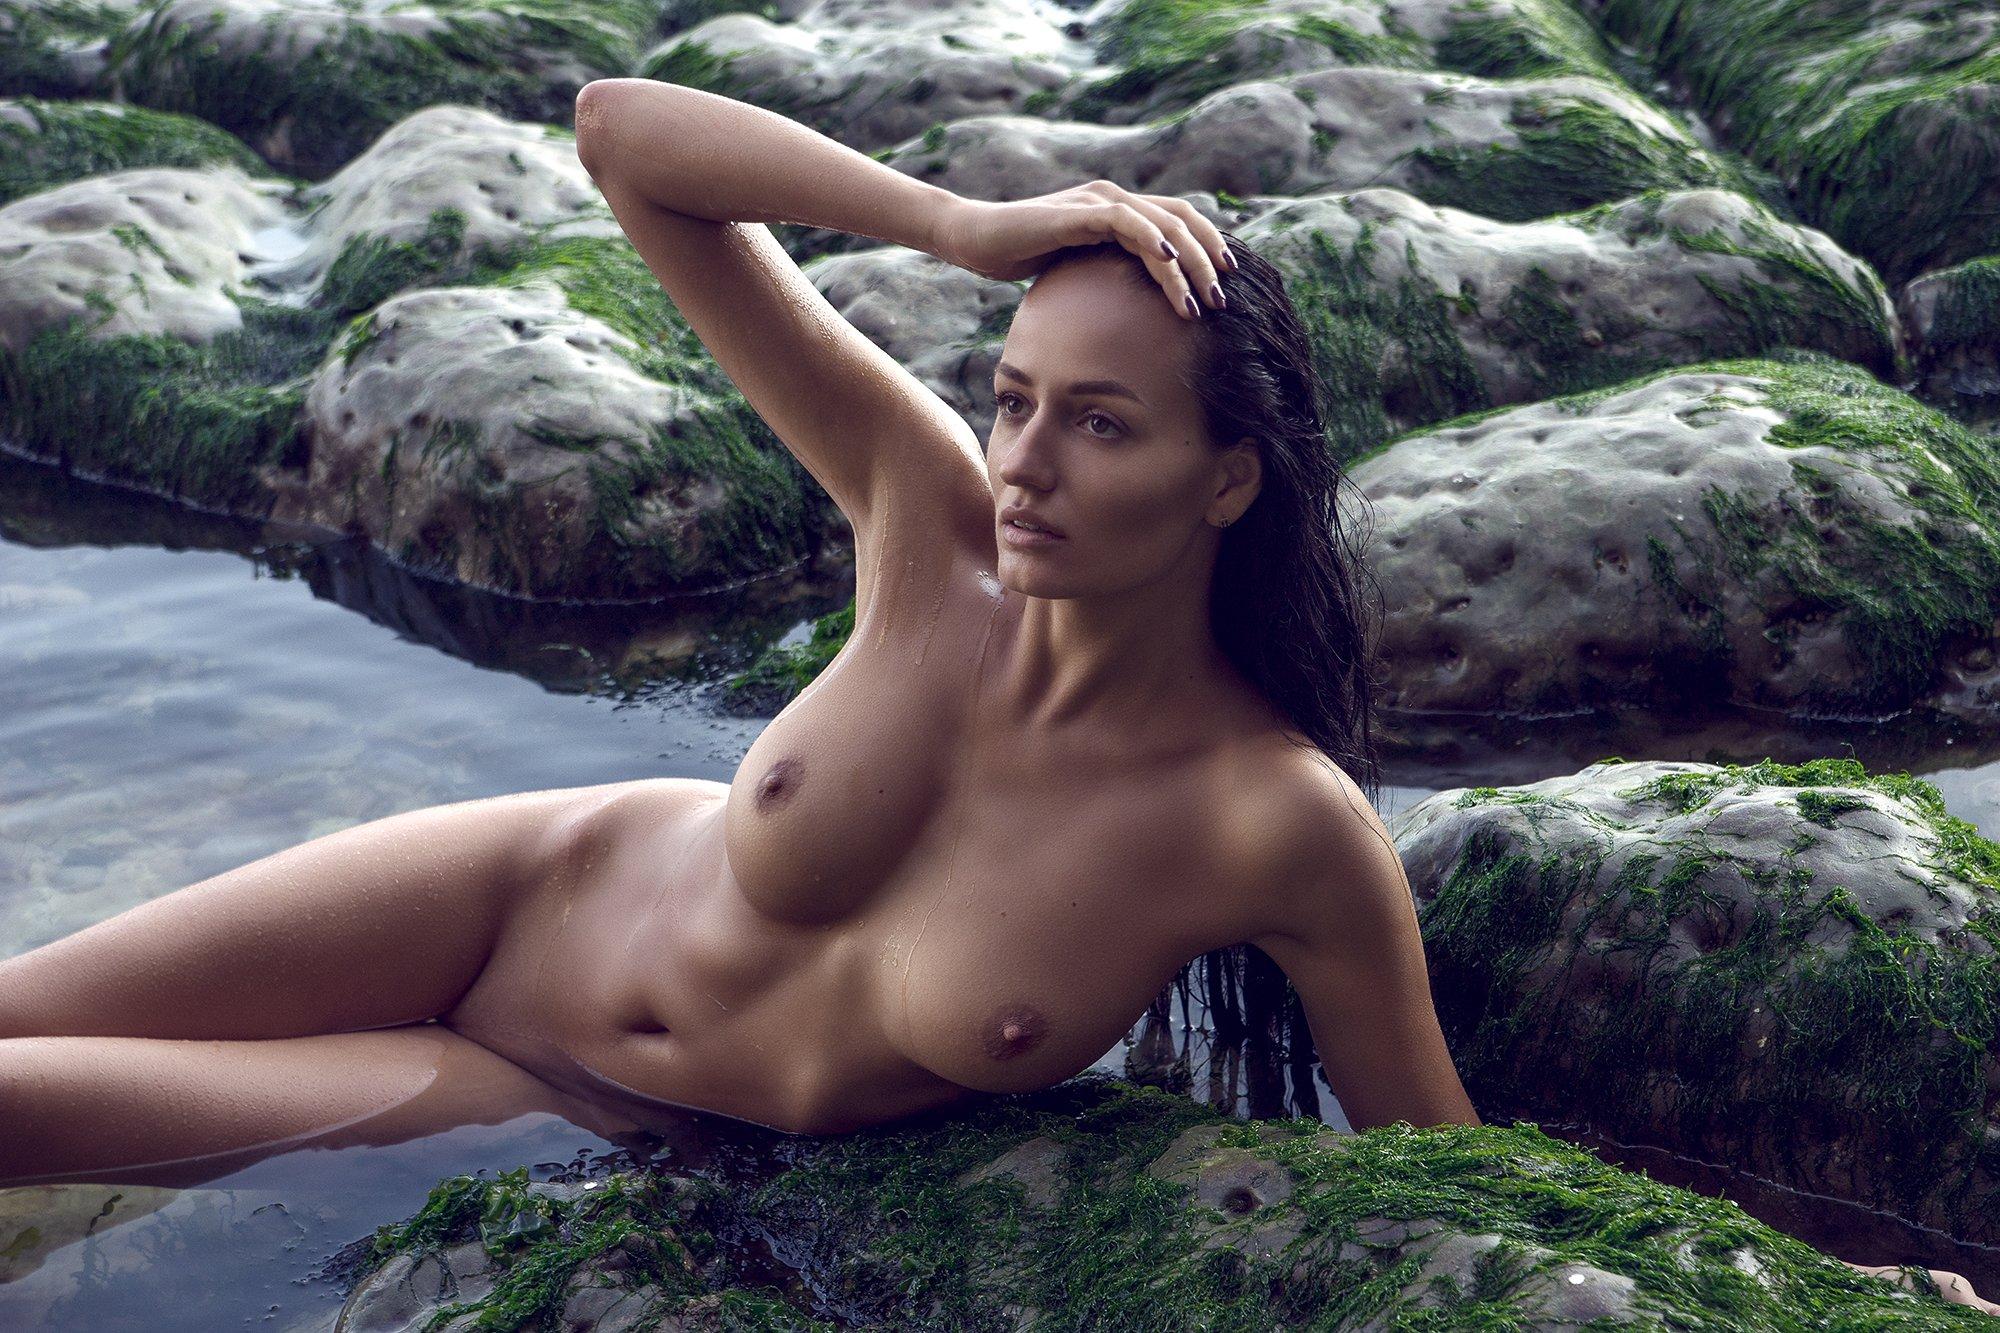 Фото голых итальянских девушек, Итальянки - Смотри бесплатно эротику и порно 3 фотография